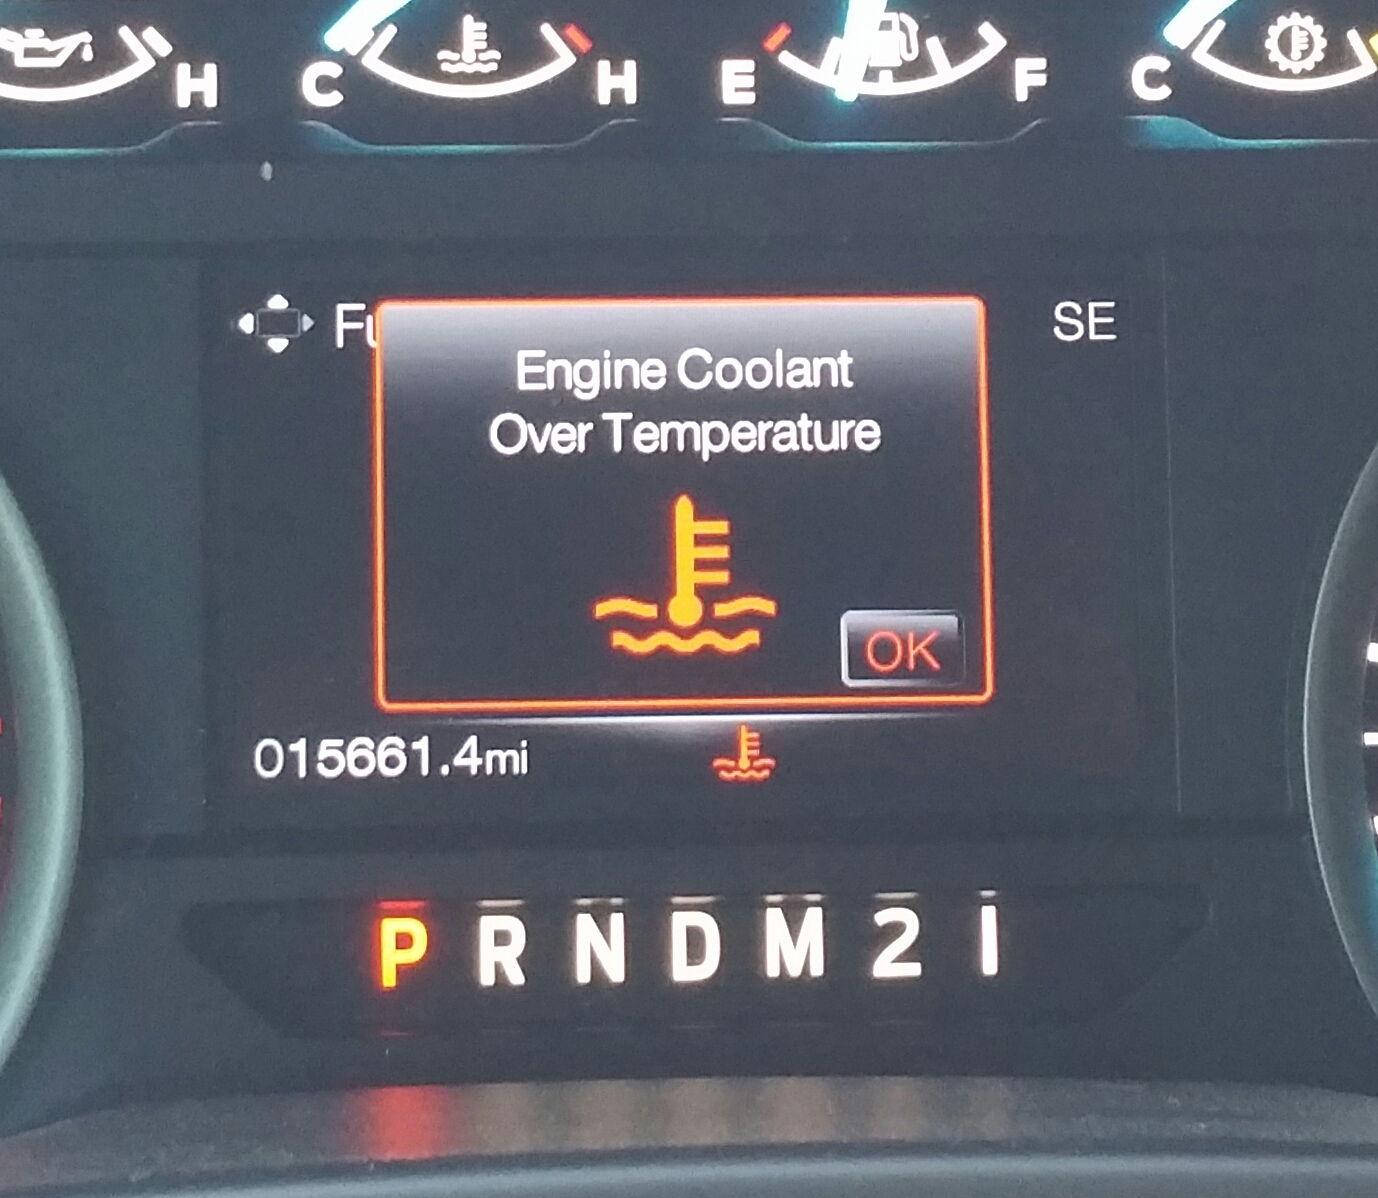 engine coolant overtemperature